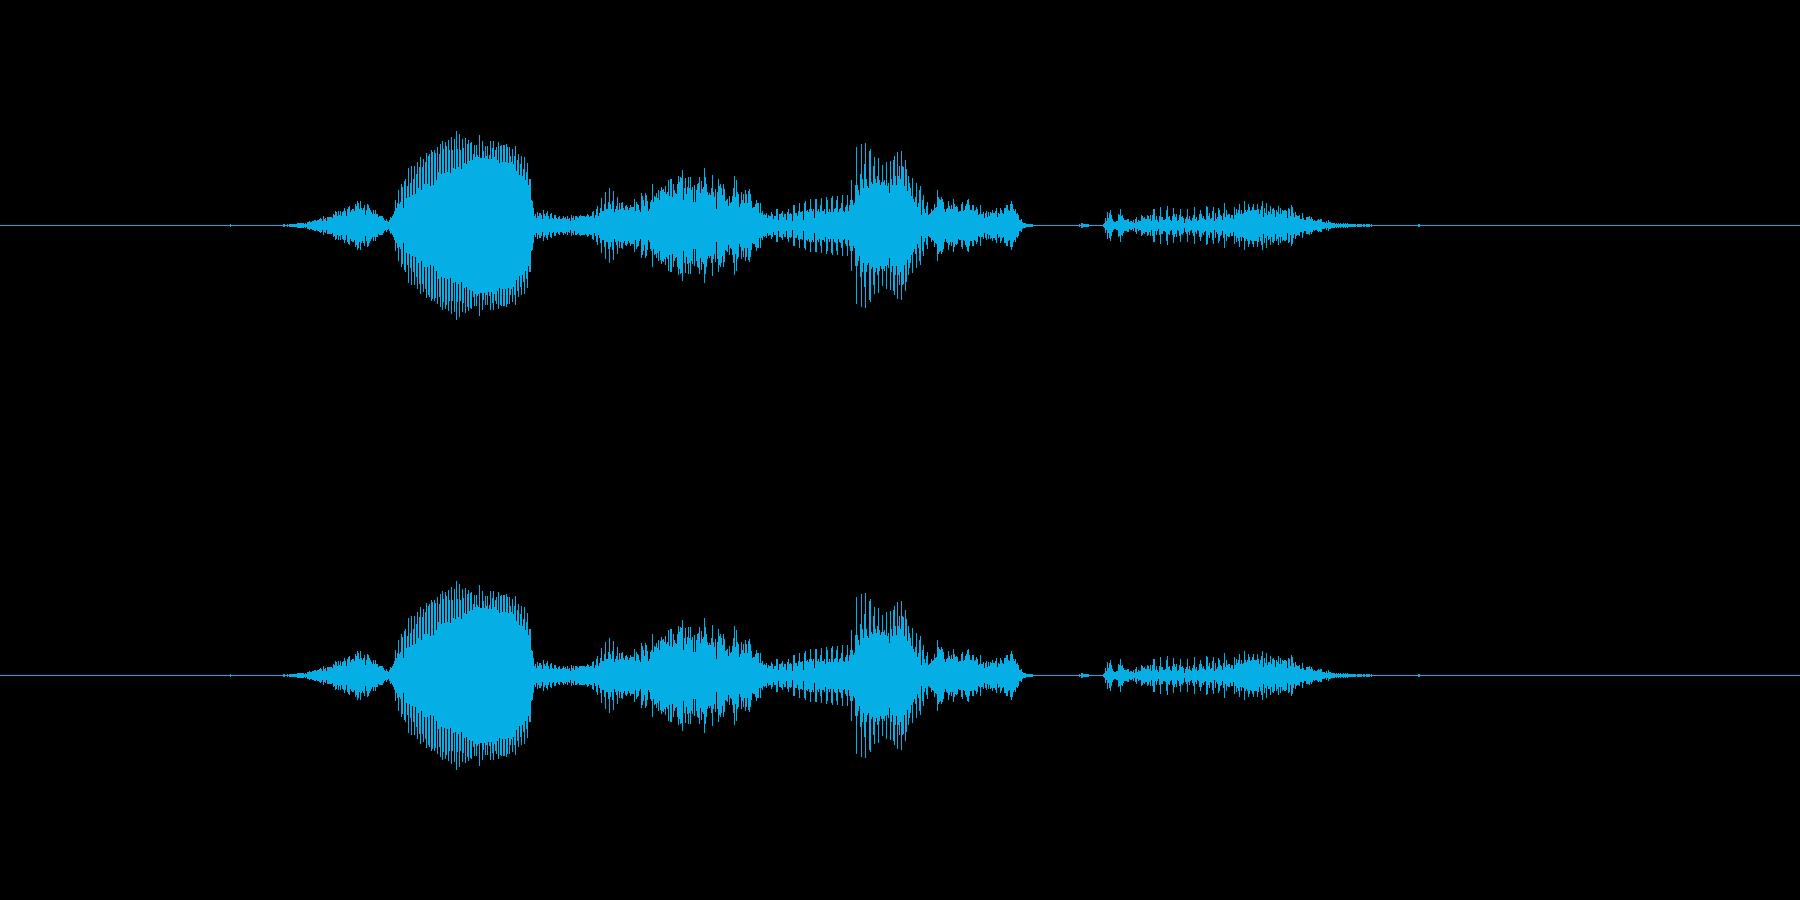 【システム】セーブしますか? - 1の再生済みの波形